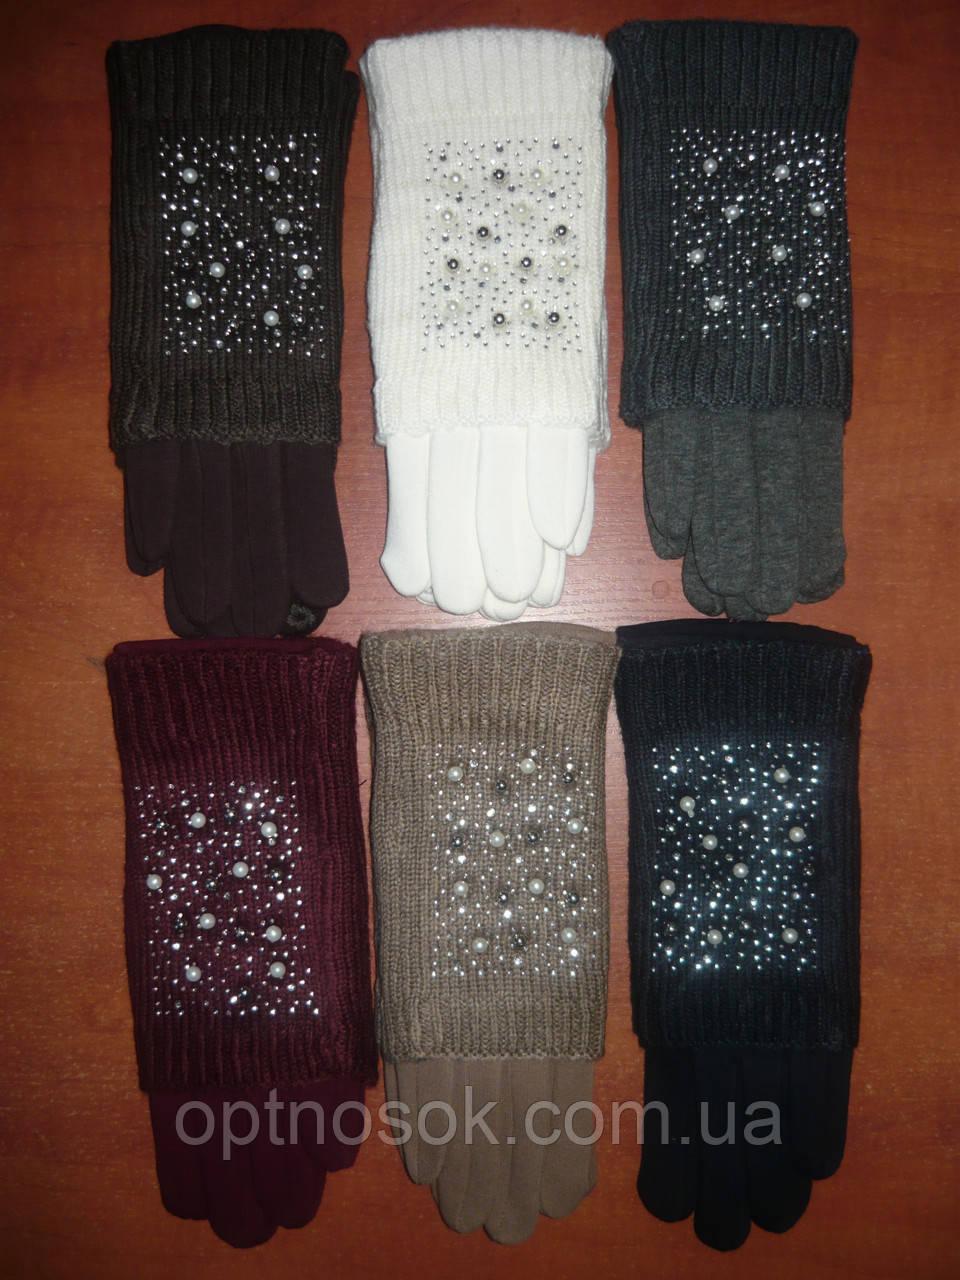 Женские перчатки с митенкой Корона на меху. Для сенсора. Бамбук.